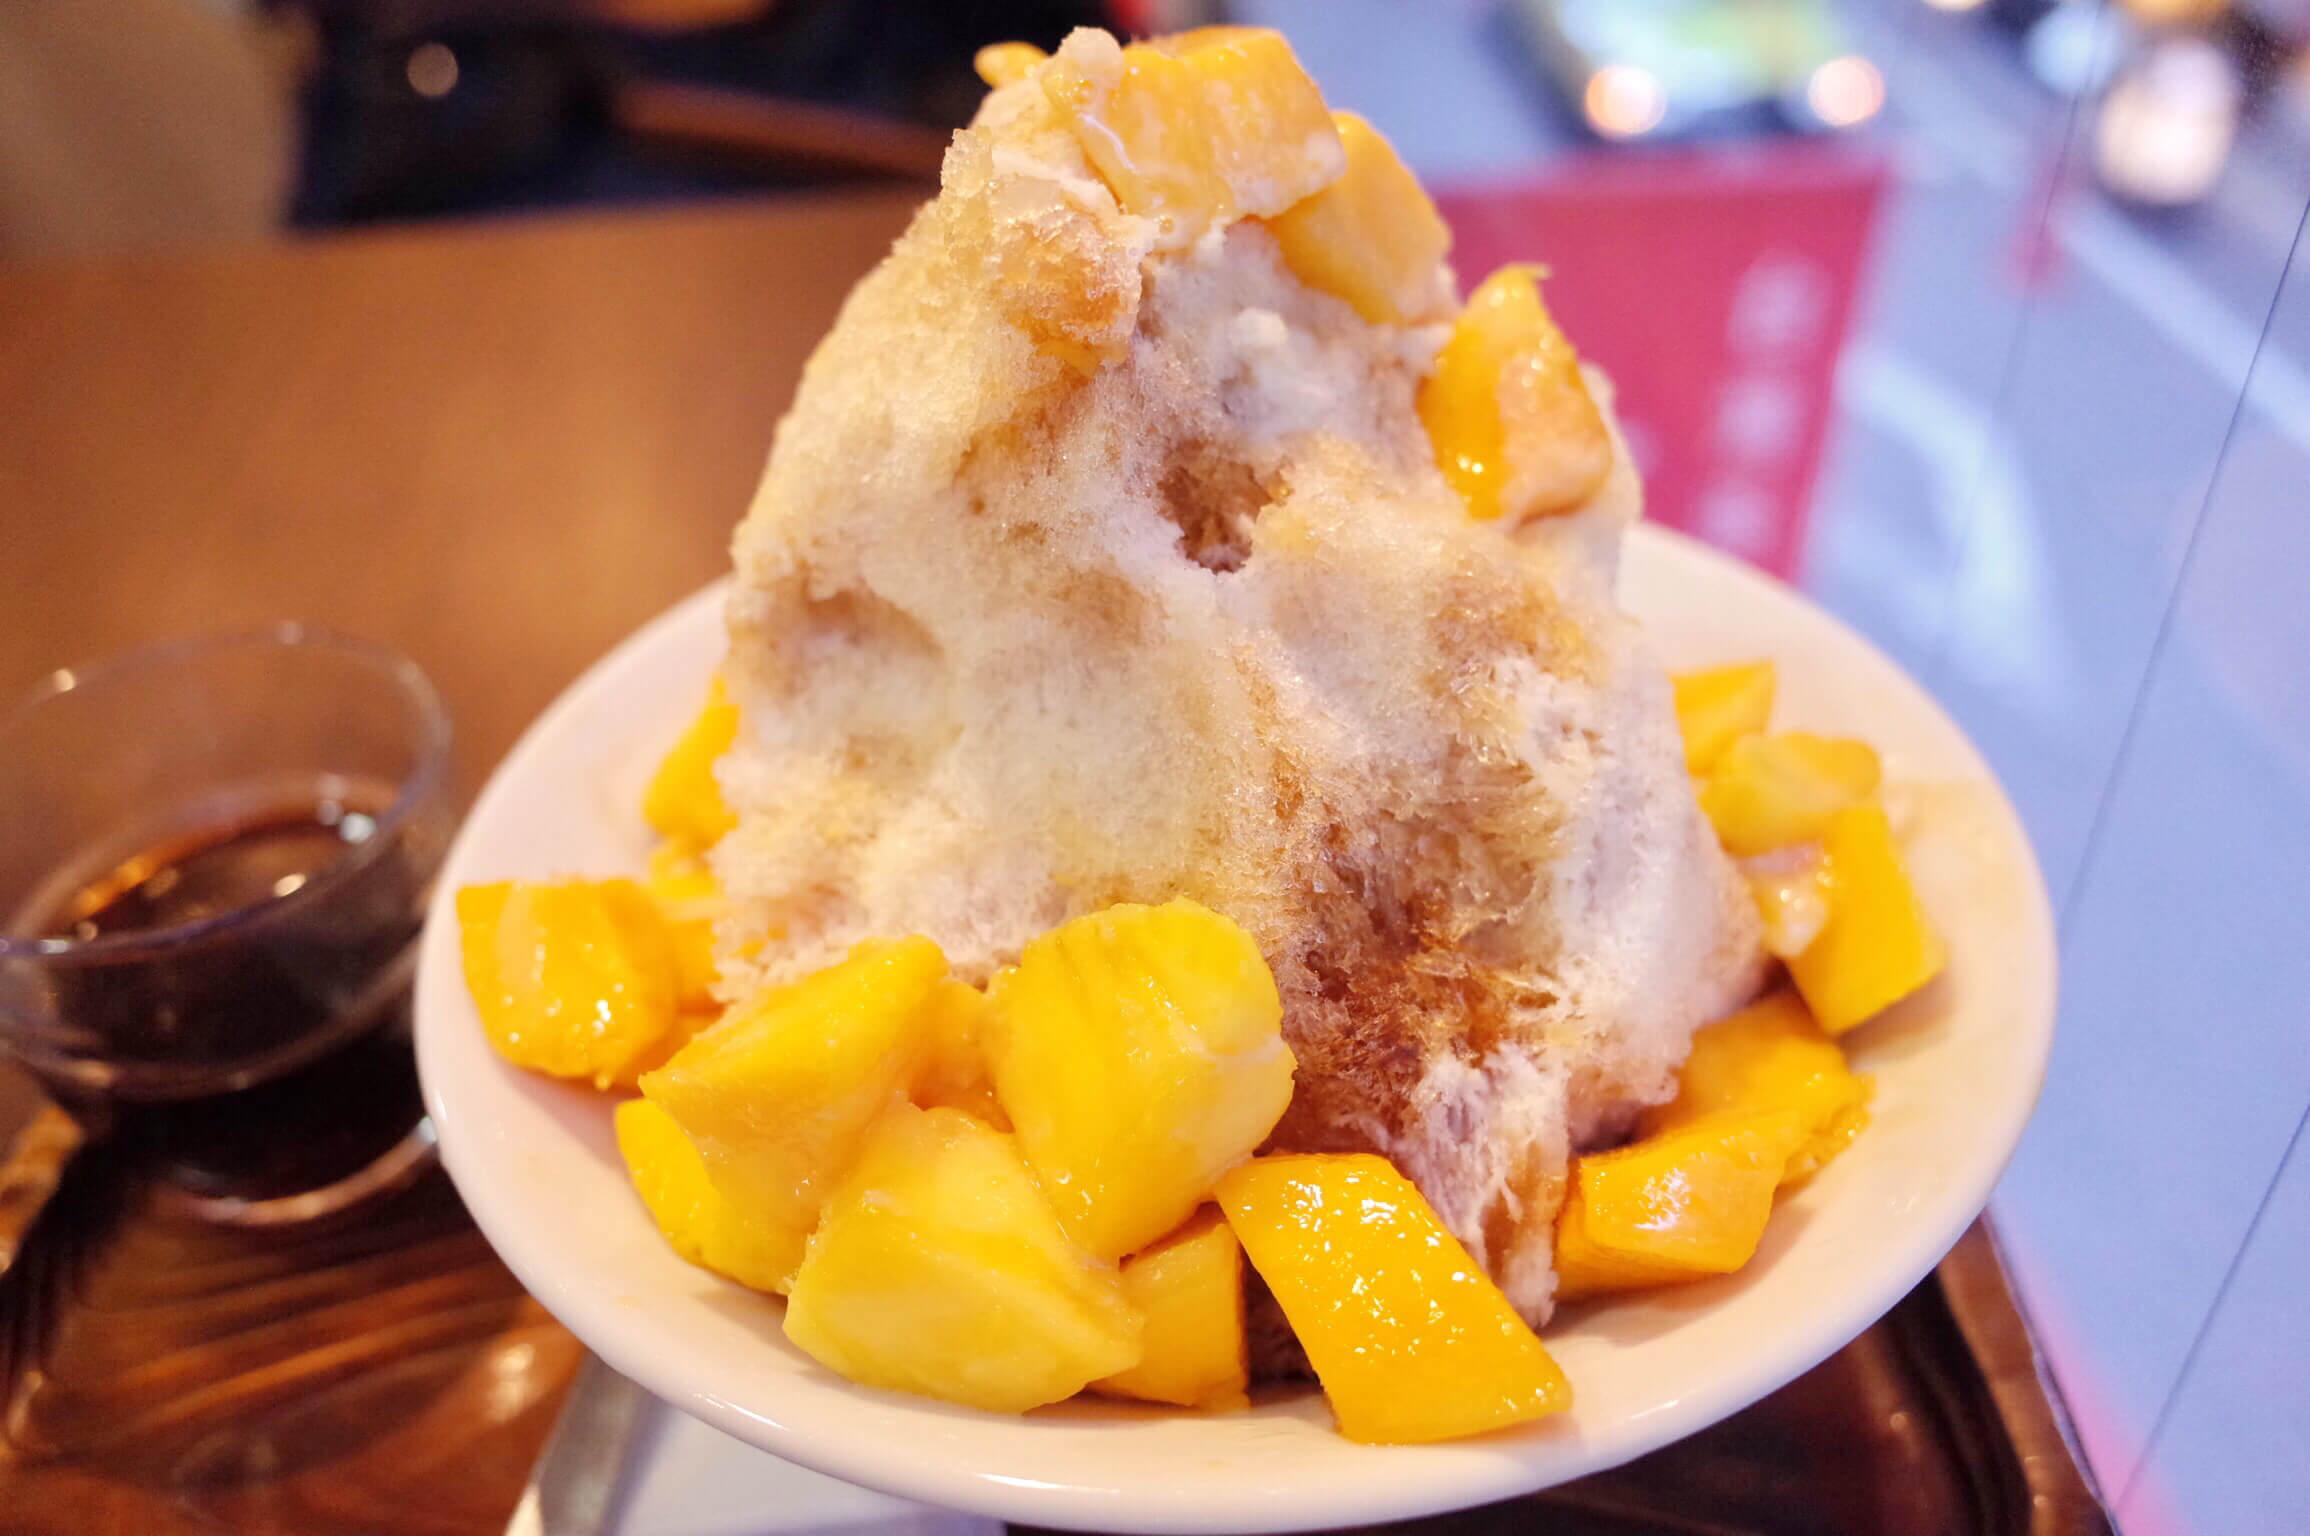 銀座『三徳堂』でアップルマンゴーかき氷!台湾産の最高級完熟マンゴーがまるごと一個はいってる